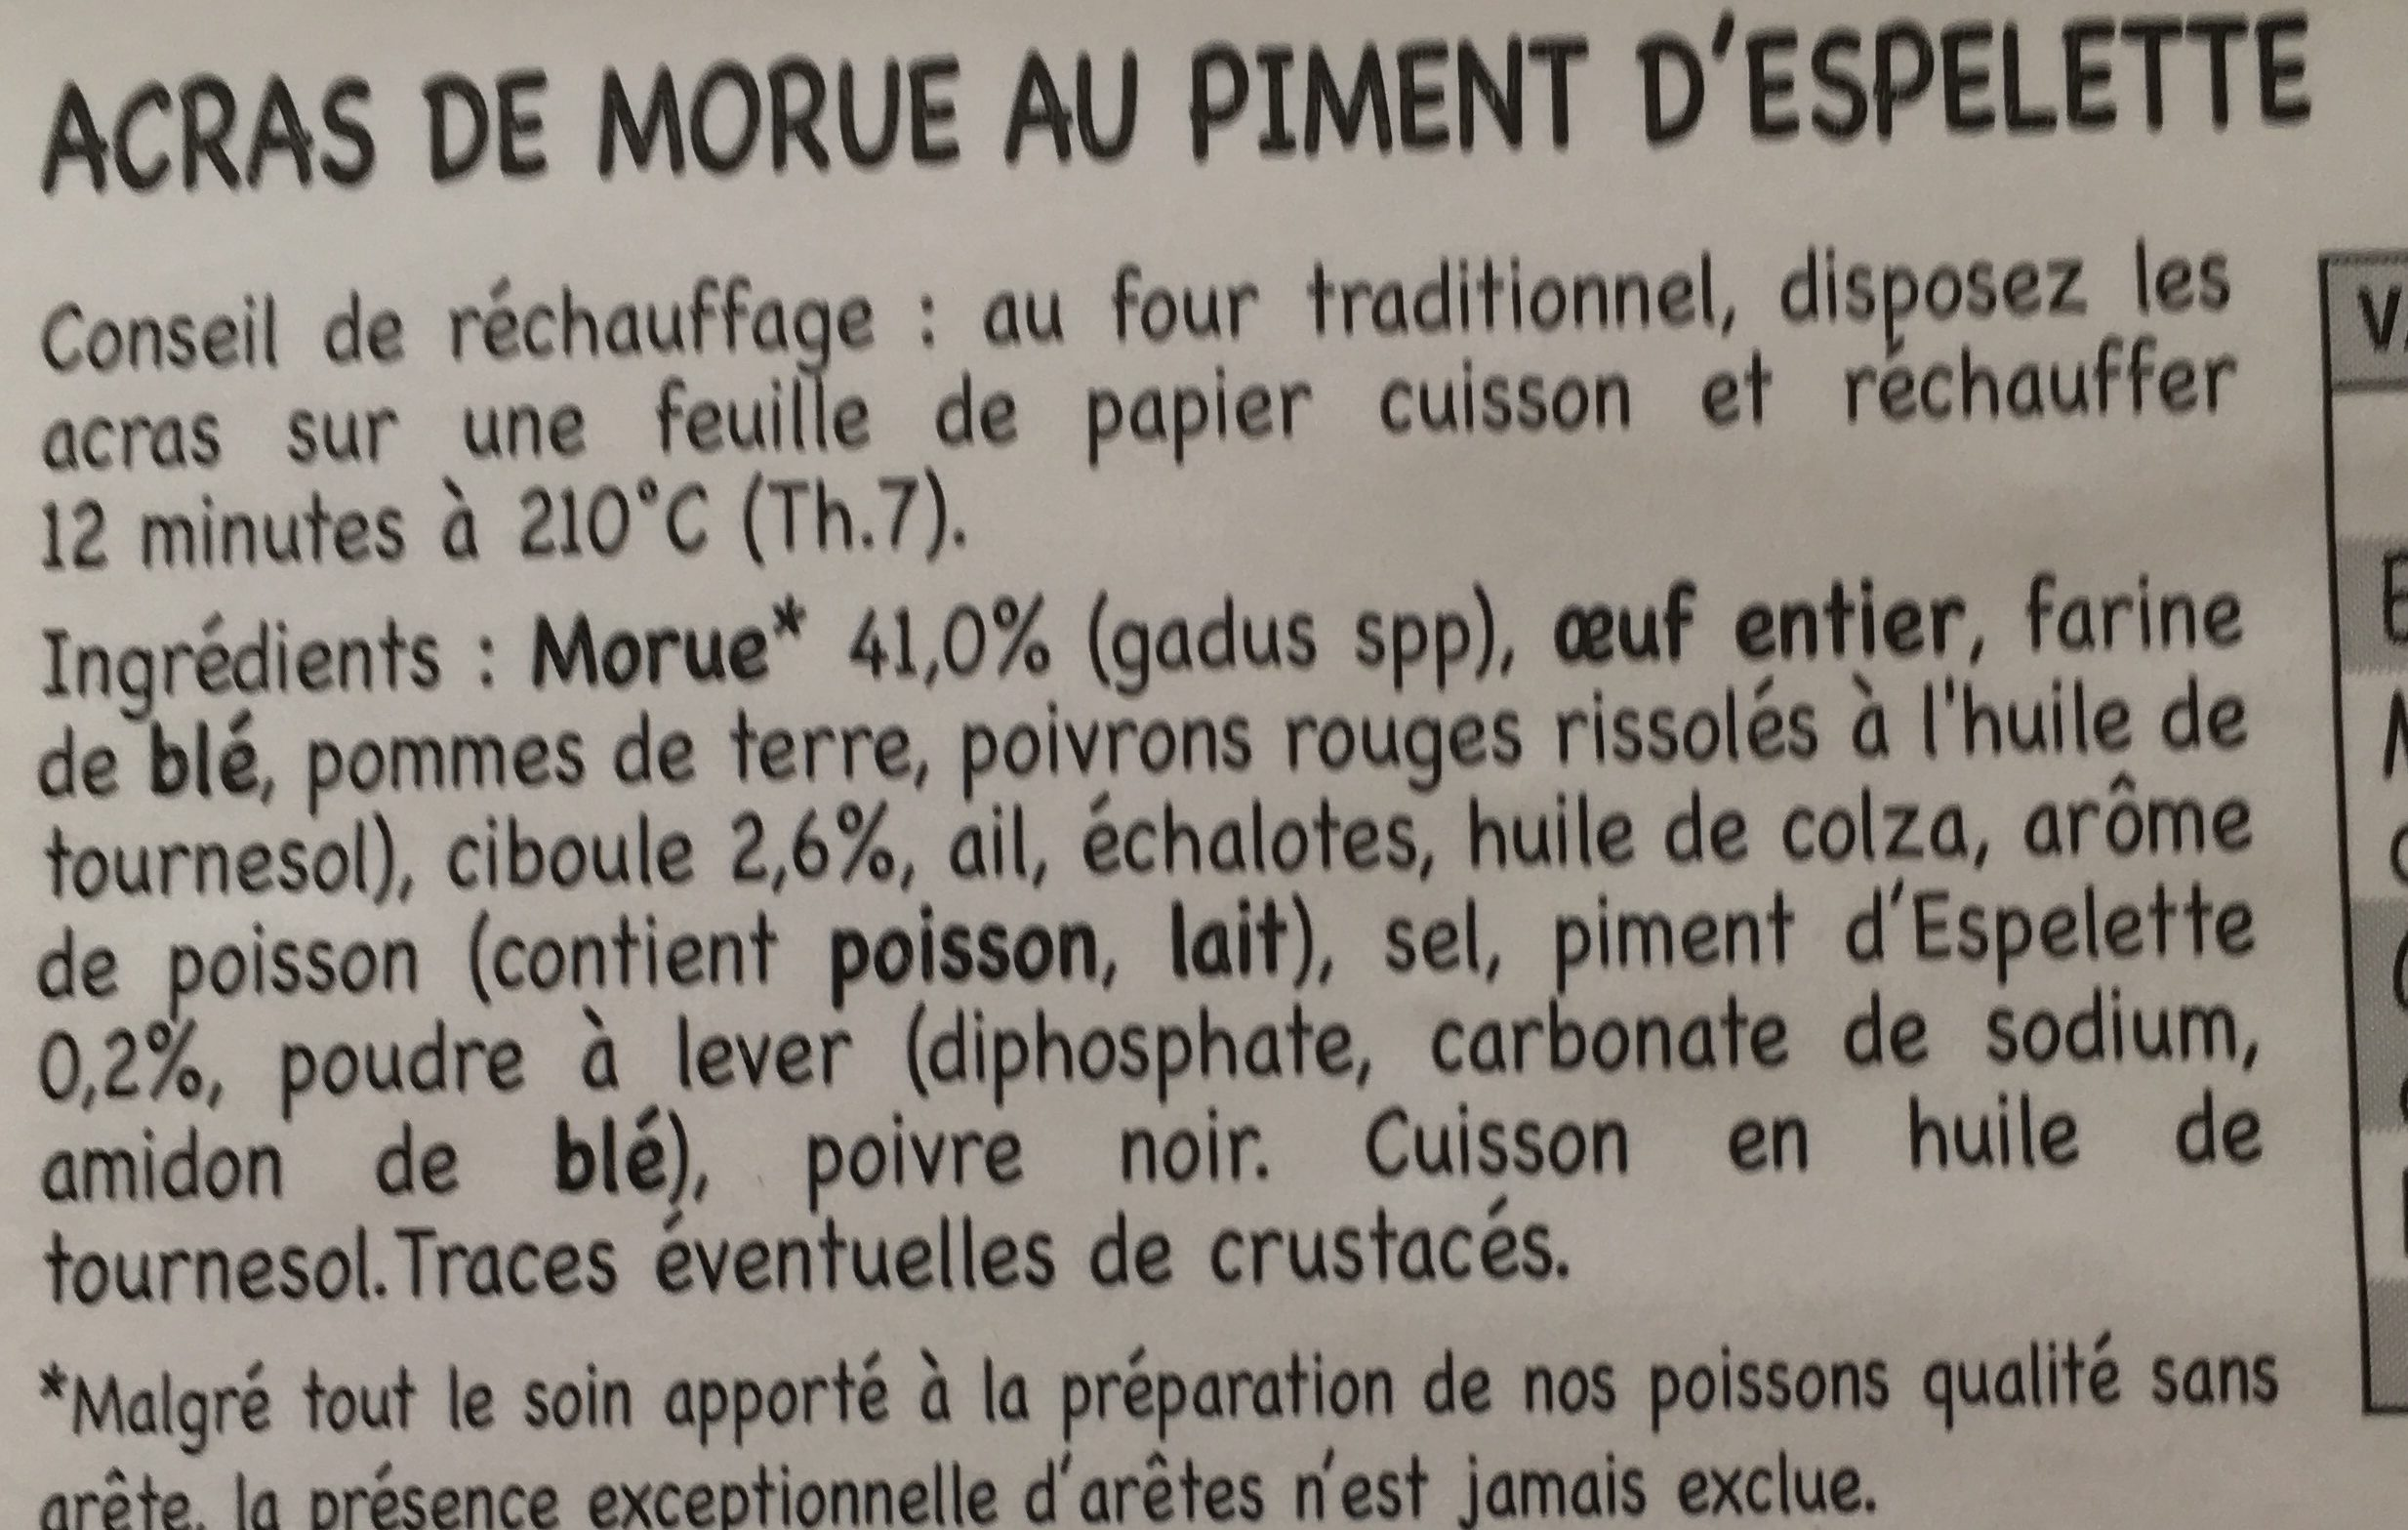 Acras de Morue au Piment d'Espelette - Ingredients